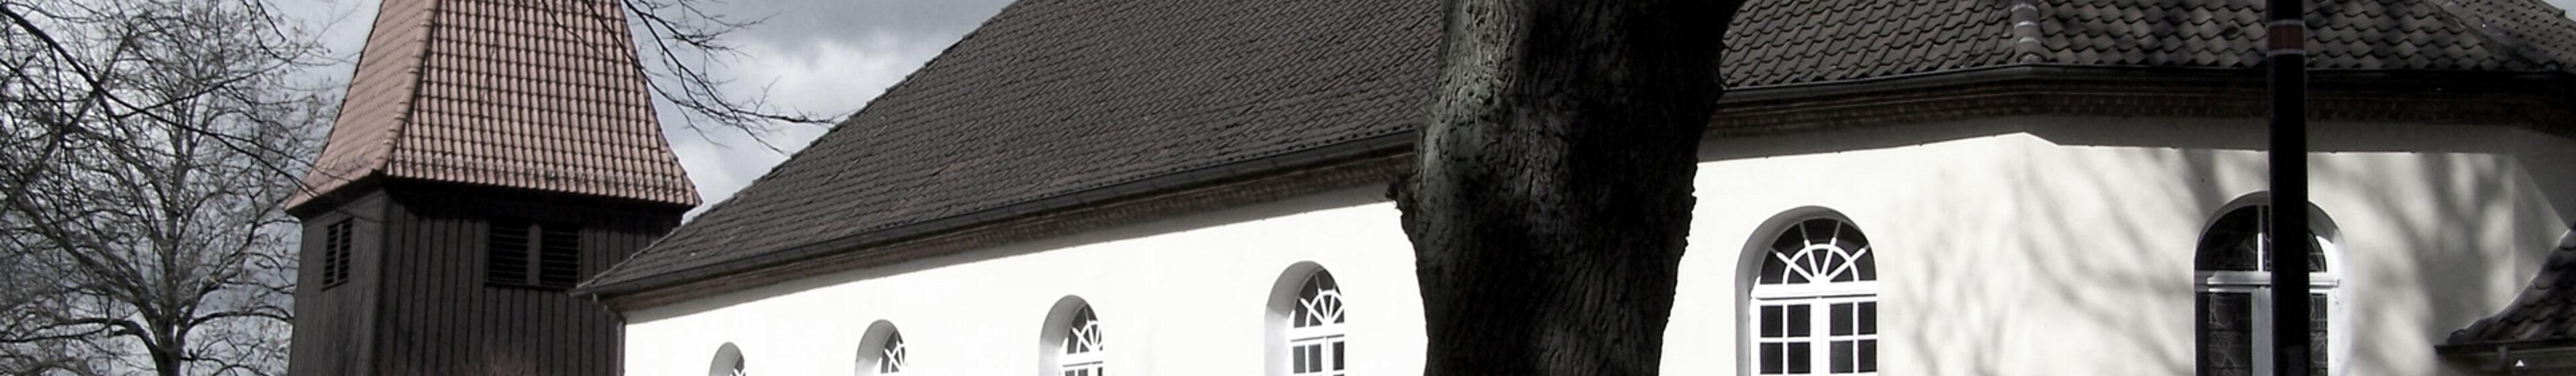 Kirche außen sw 3